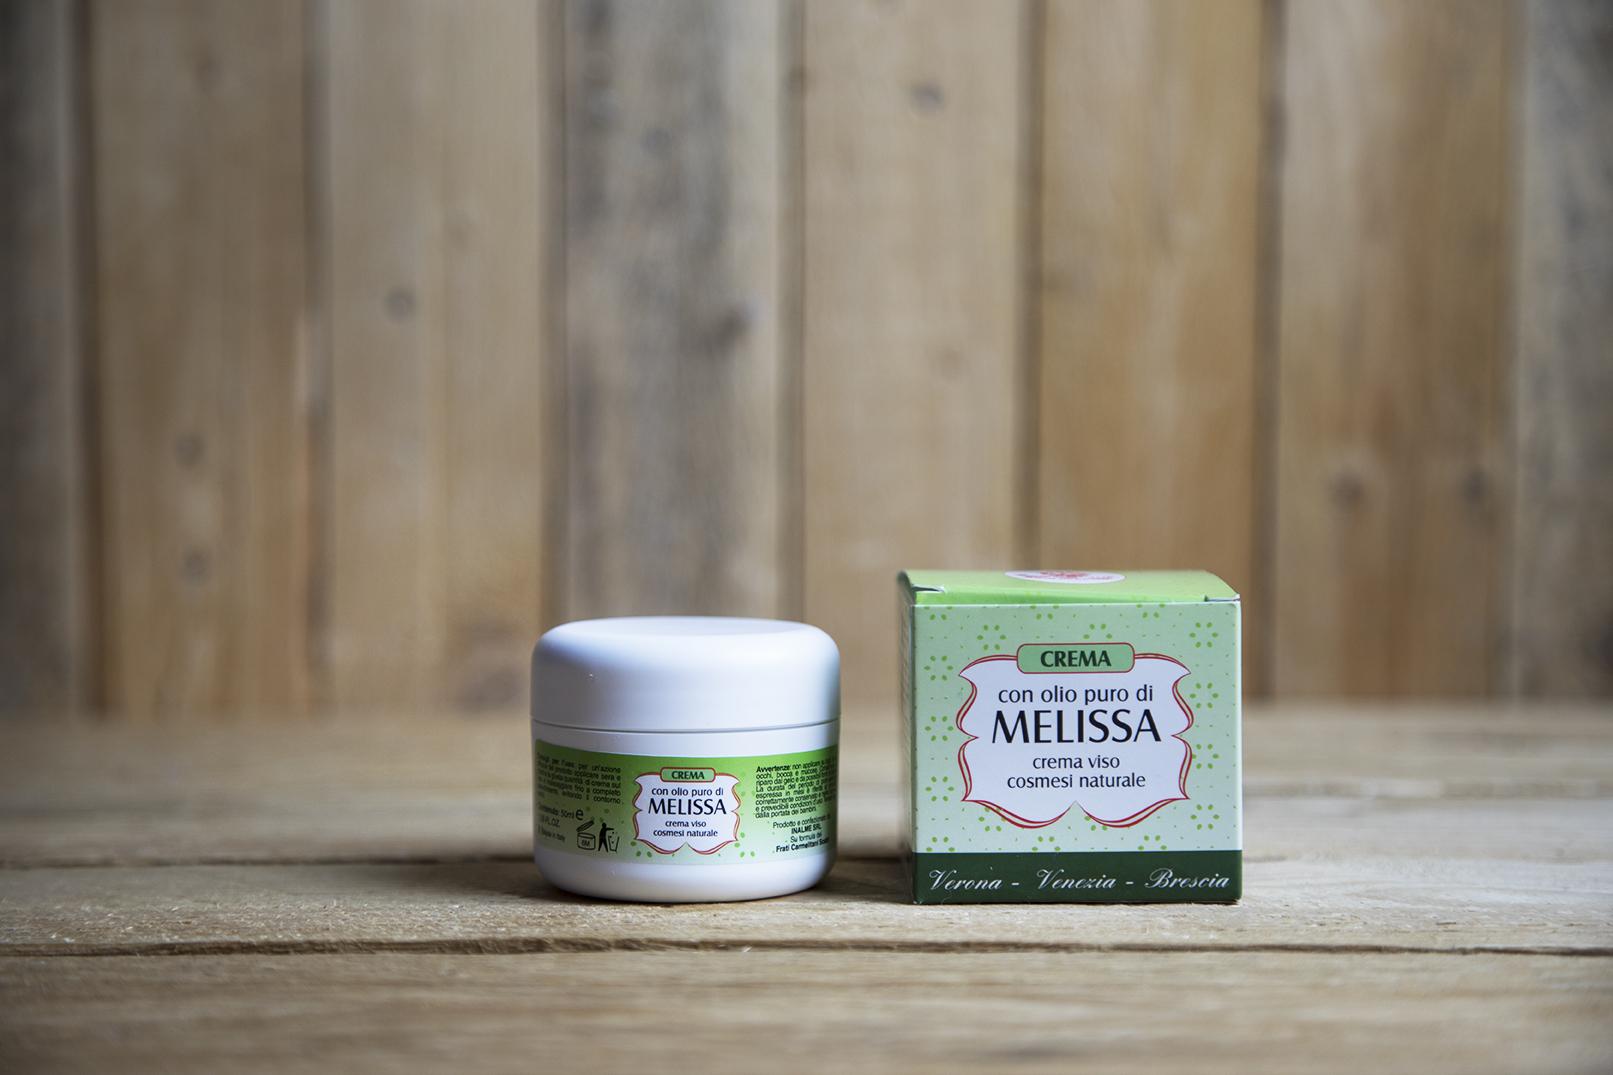 Crema per il viso con olio puro di melissa